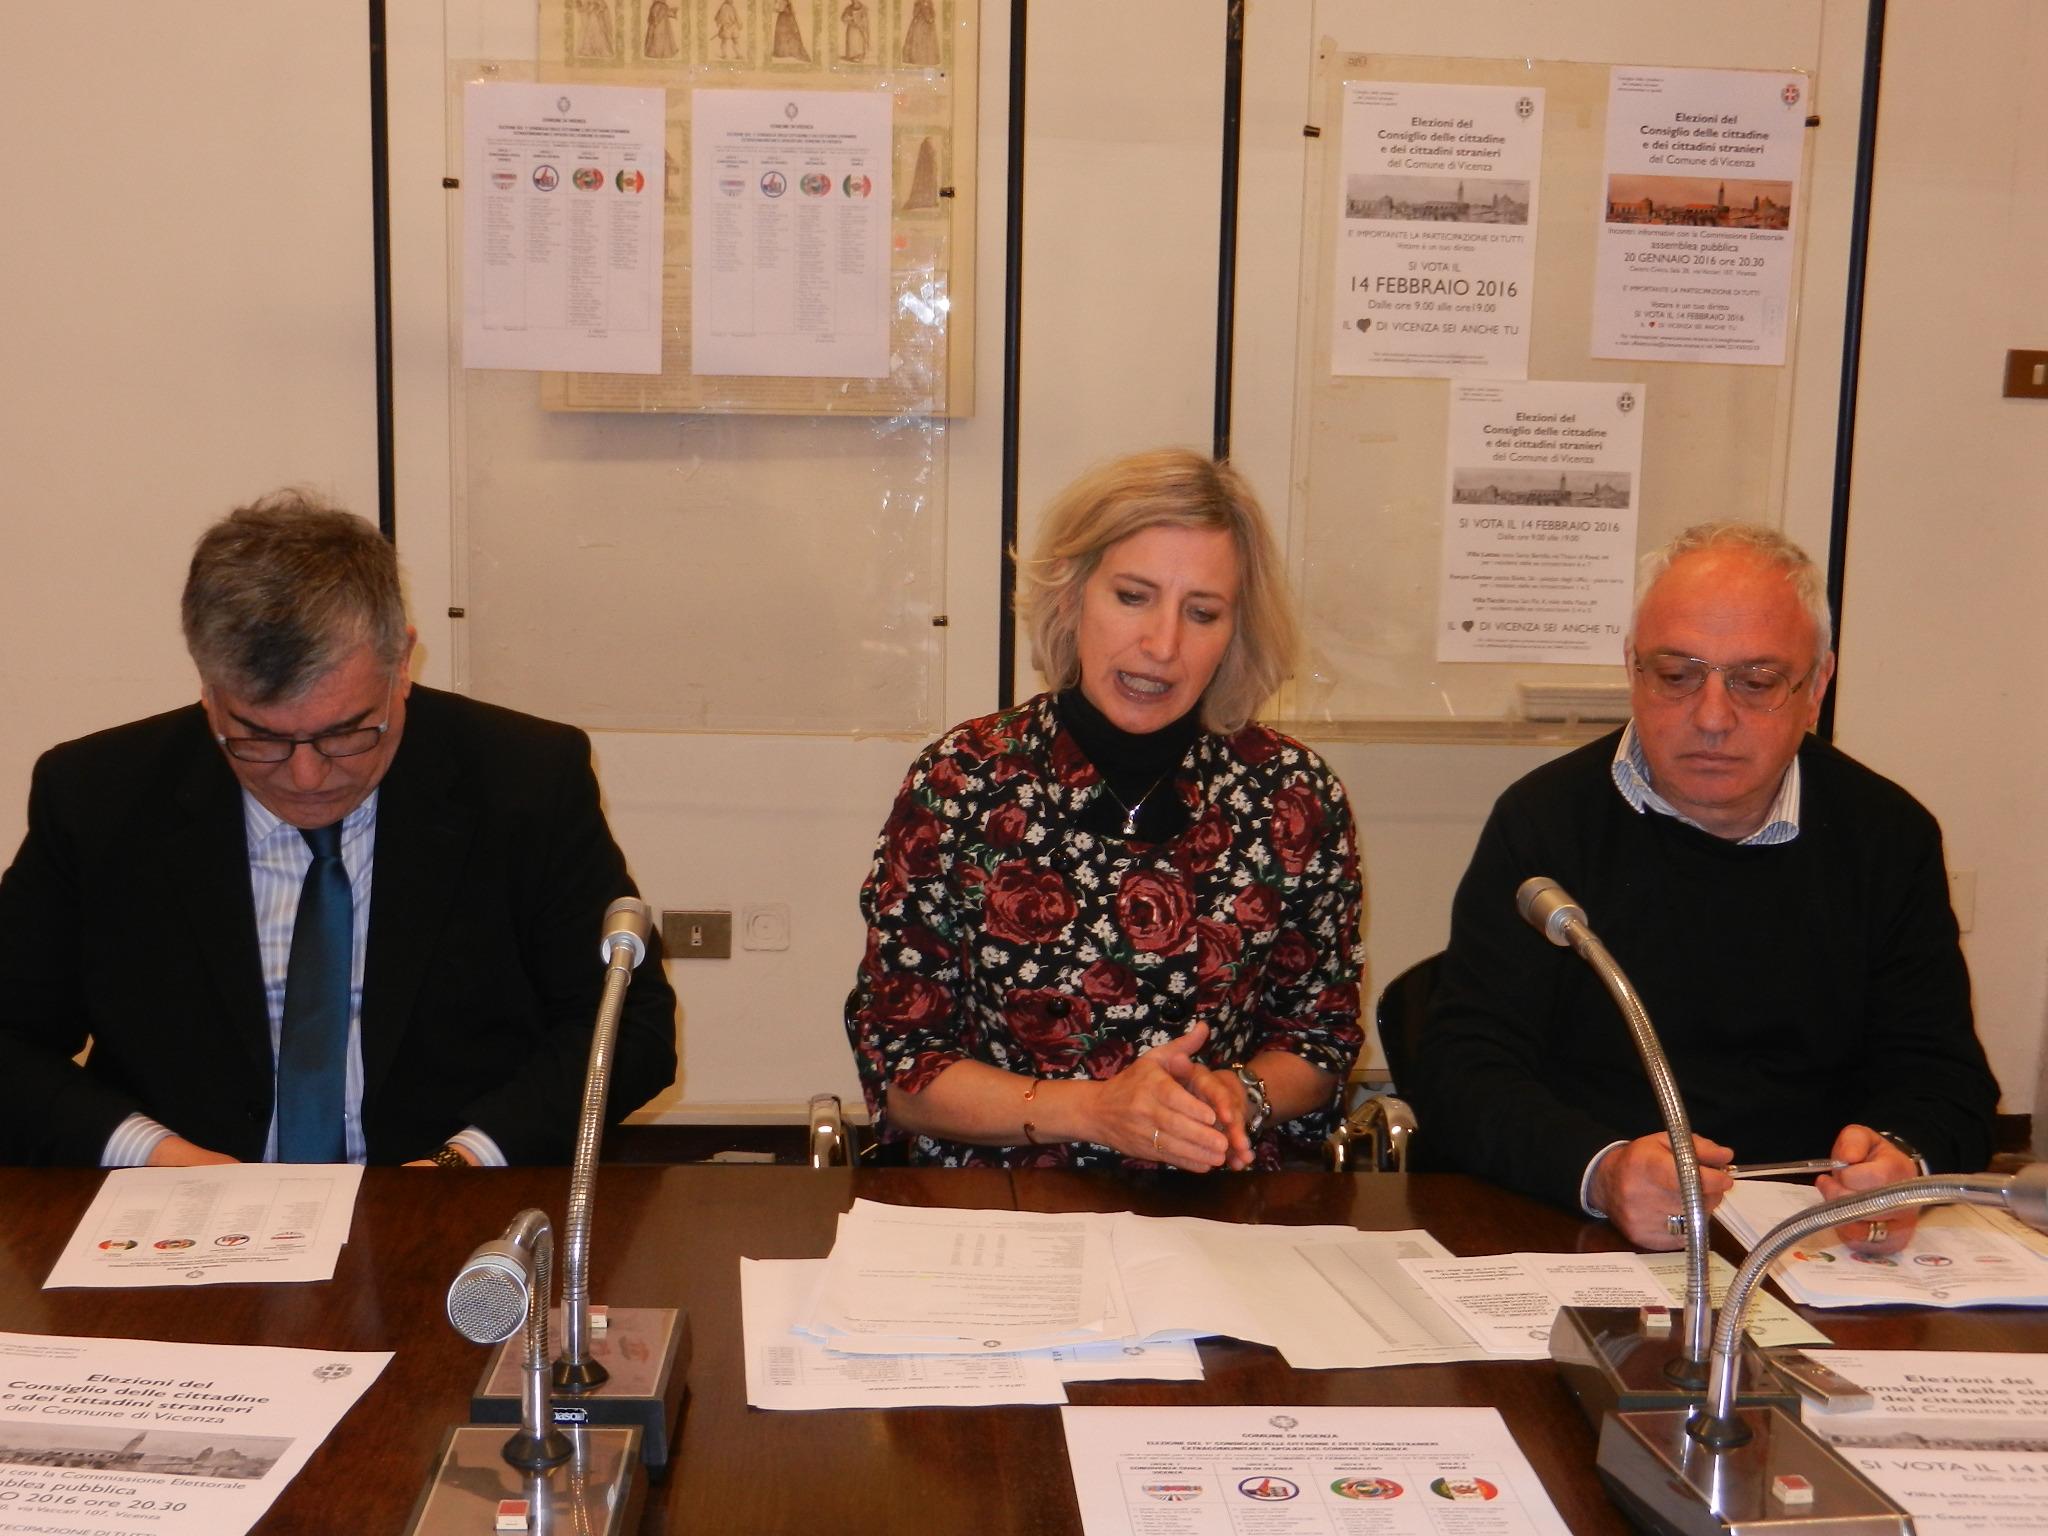 Ufficio Per Stranieri Vicenza : Per la prima volta cerimonia pubblica collettiva per il